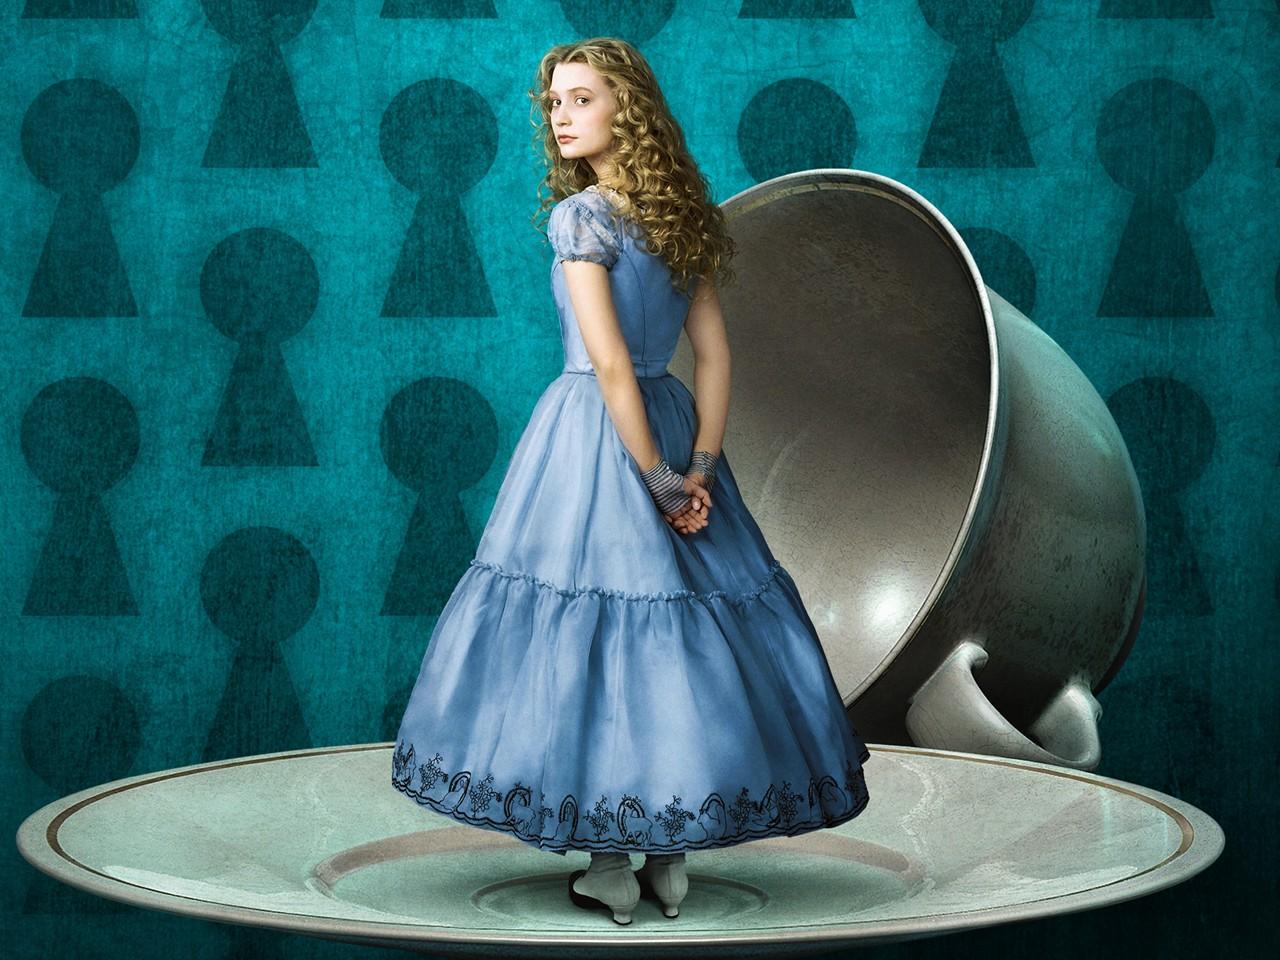 Wallpaper: Mia Wasikowska è Alice nel paese delle meraviglie per Tim Burton